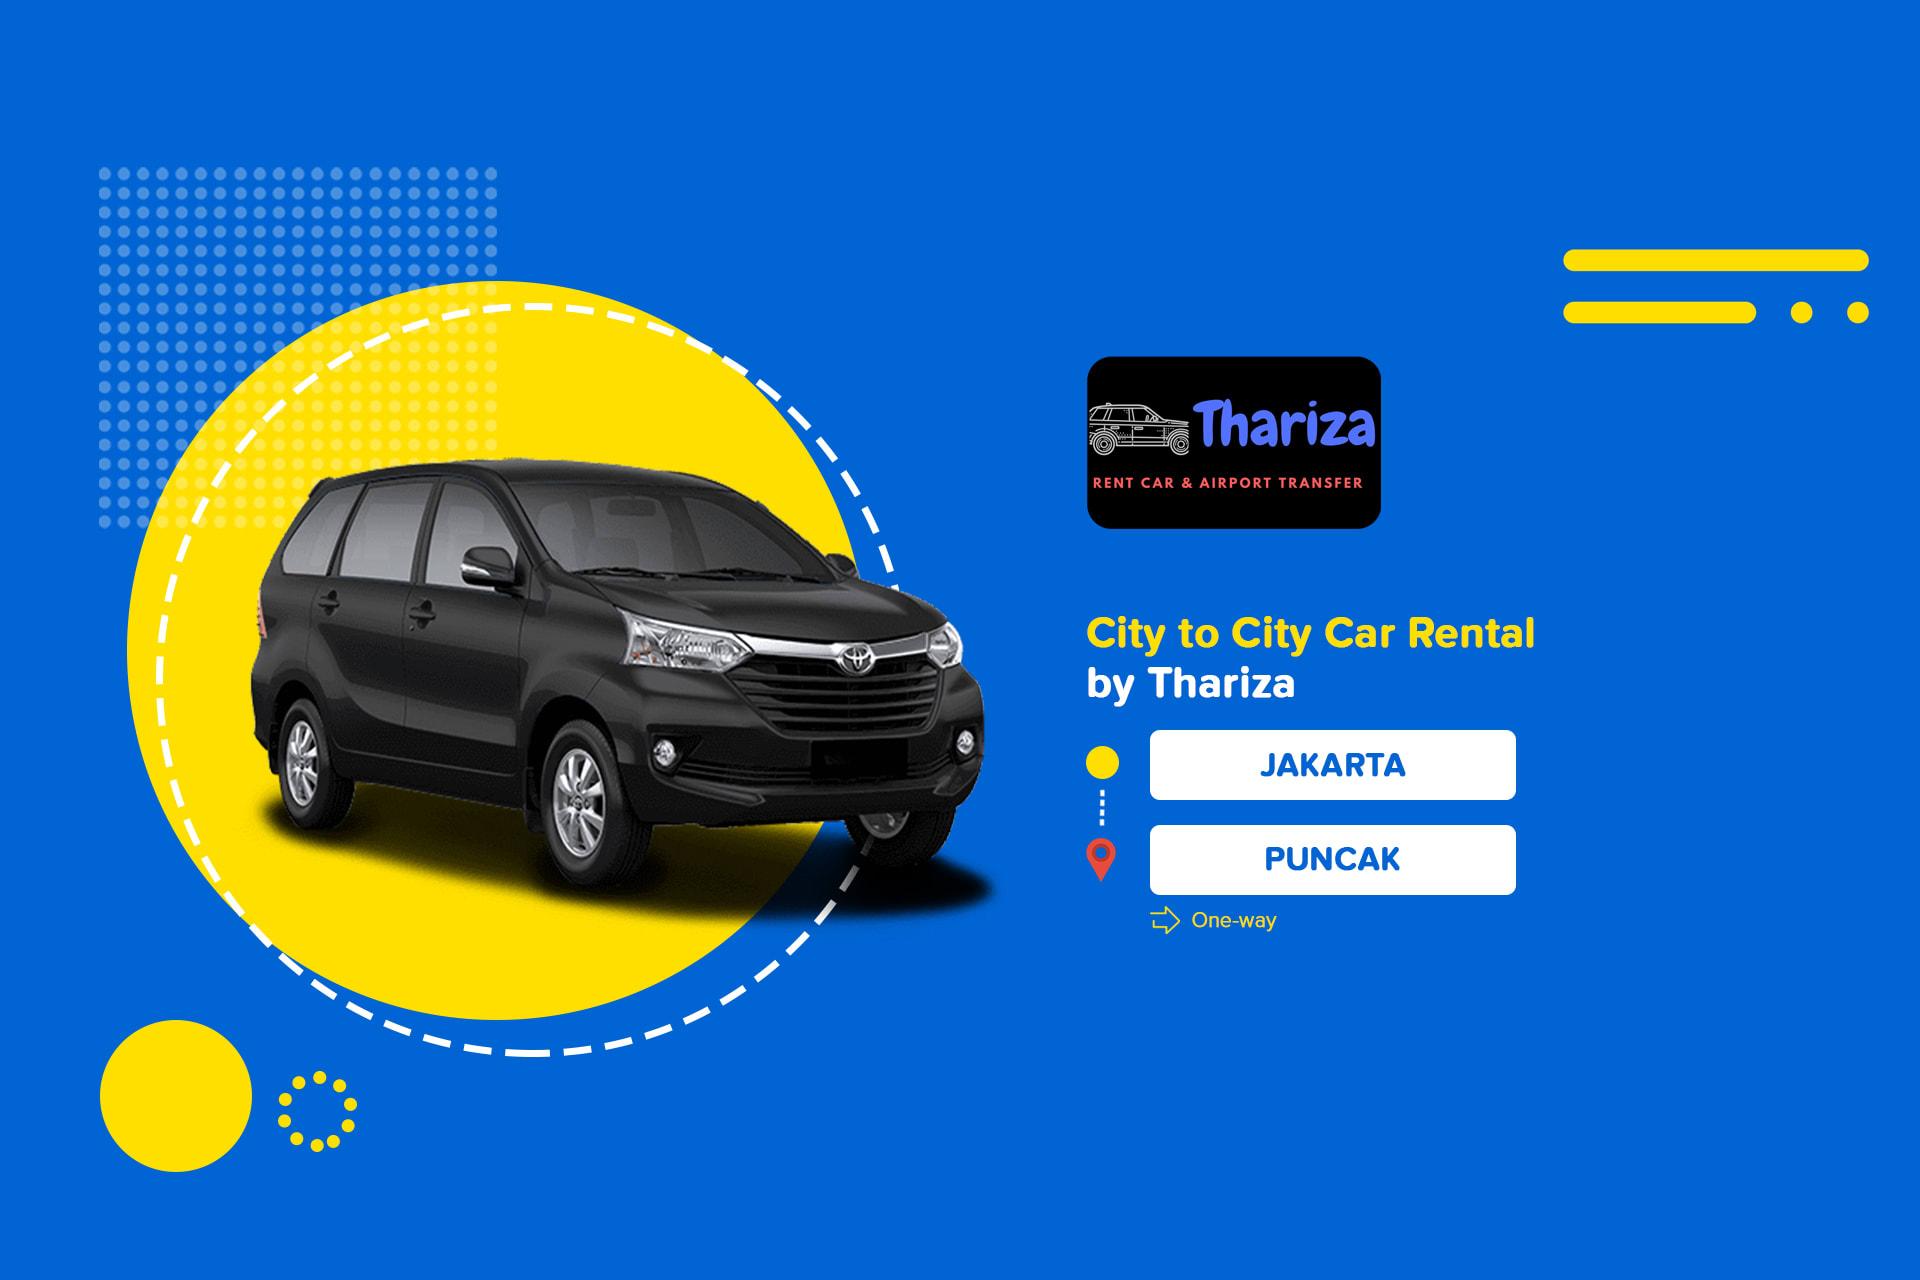 Tiket Sewa Mobil Jakarta Ke Puncak City To City Harga Promo Tiket Com